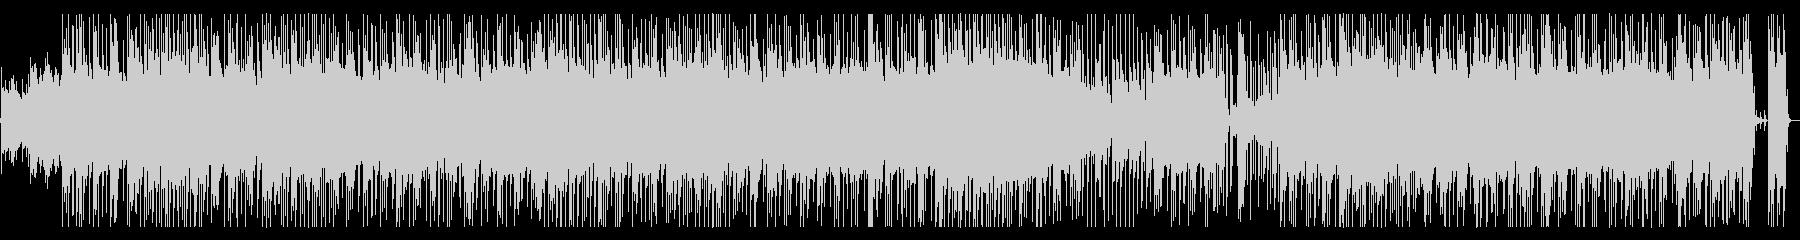 ヘビーなサウンドのハードロックの未再生の波形